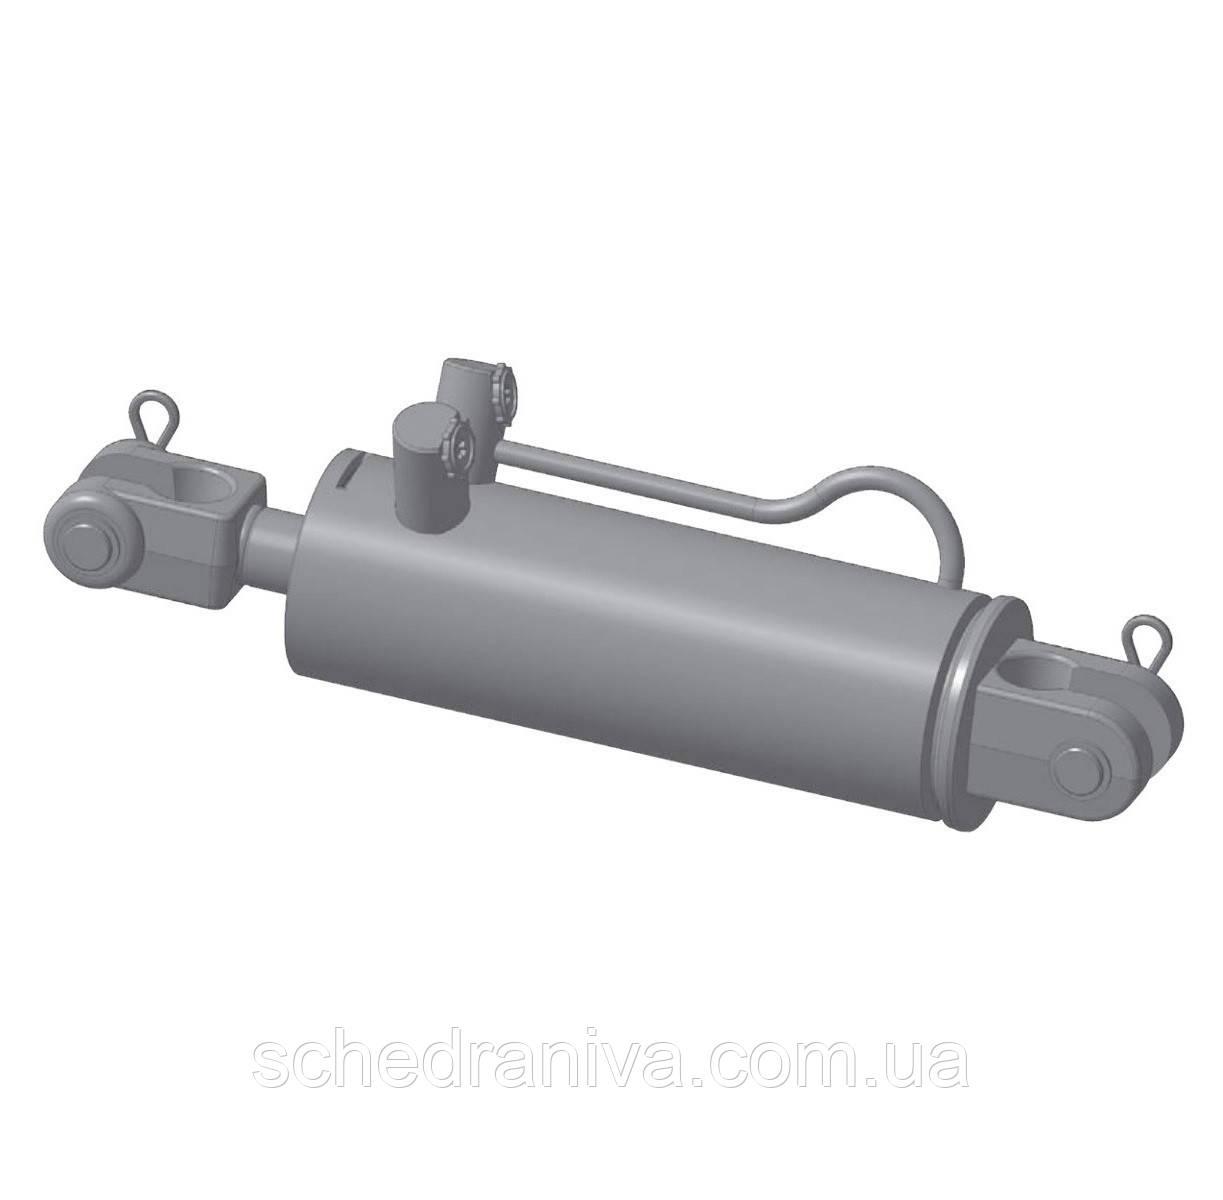 Гідроциліндр МС 100/40х200-3.44.1 (515) п-во Гідросила